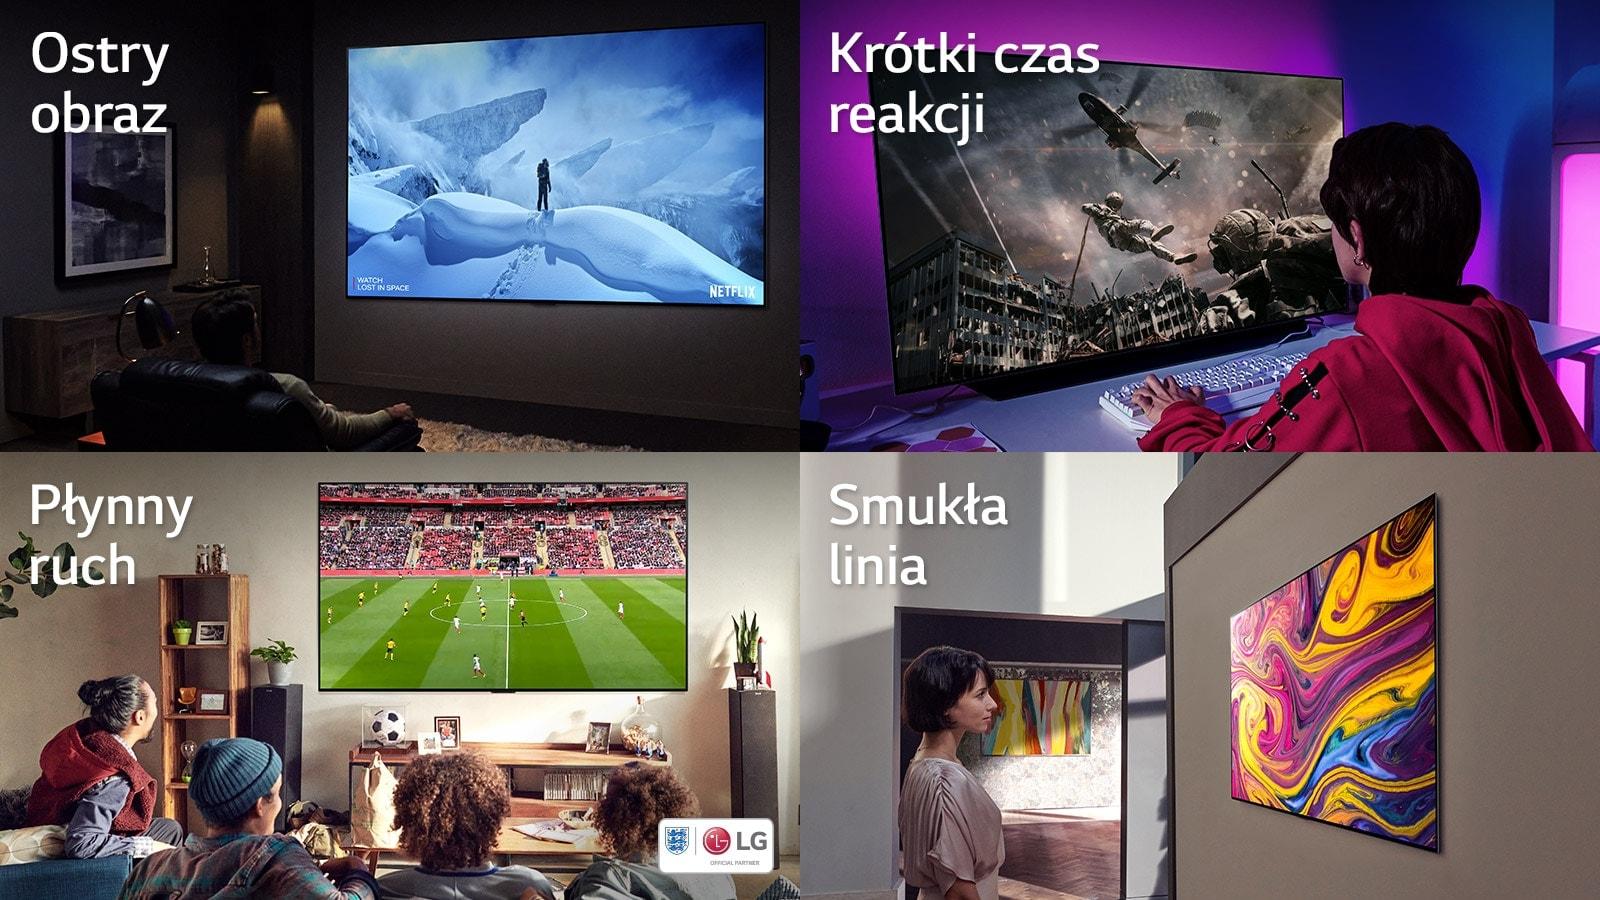 """Loga LG Channels, Netflix, i Apple ułożone poziomo na czarnym tle. Scena z gry Assassin's Creed Valhalla z logo Assassin's Creed Valhalla w prawym dolnym rogu i napisem """"Swift Response"""" w lewym górnym rogu. Obraz pałkarza próbującego uderzyć piłkę w trakcie meczu bejsbolu, z napisem """"Smooth Motion"""" w lewym górnym rogu. Obraz ekranu telewizora powieszonego na ścianie, z napisem """"Slim Design"""" w lewym górnym rogu."""